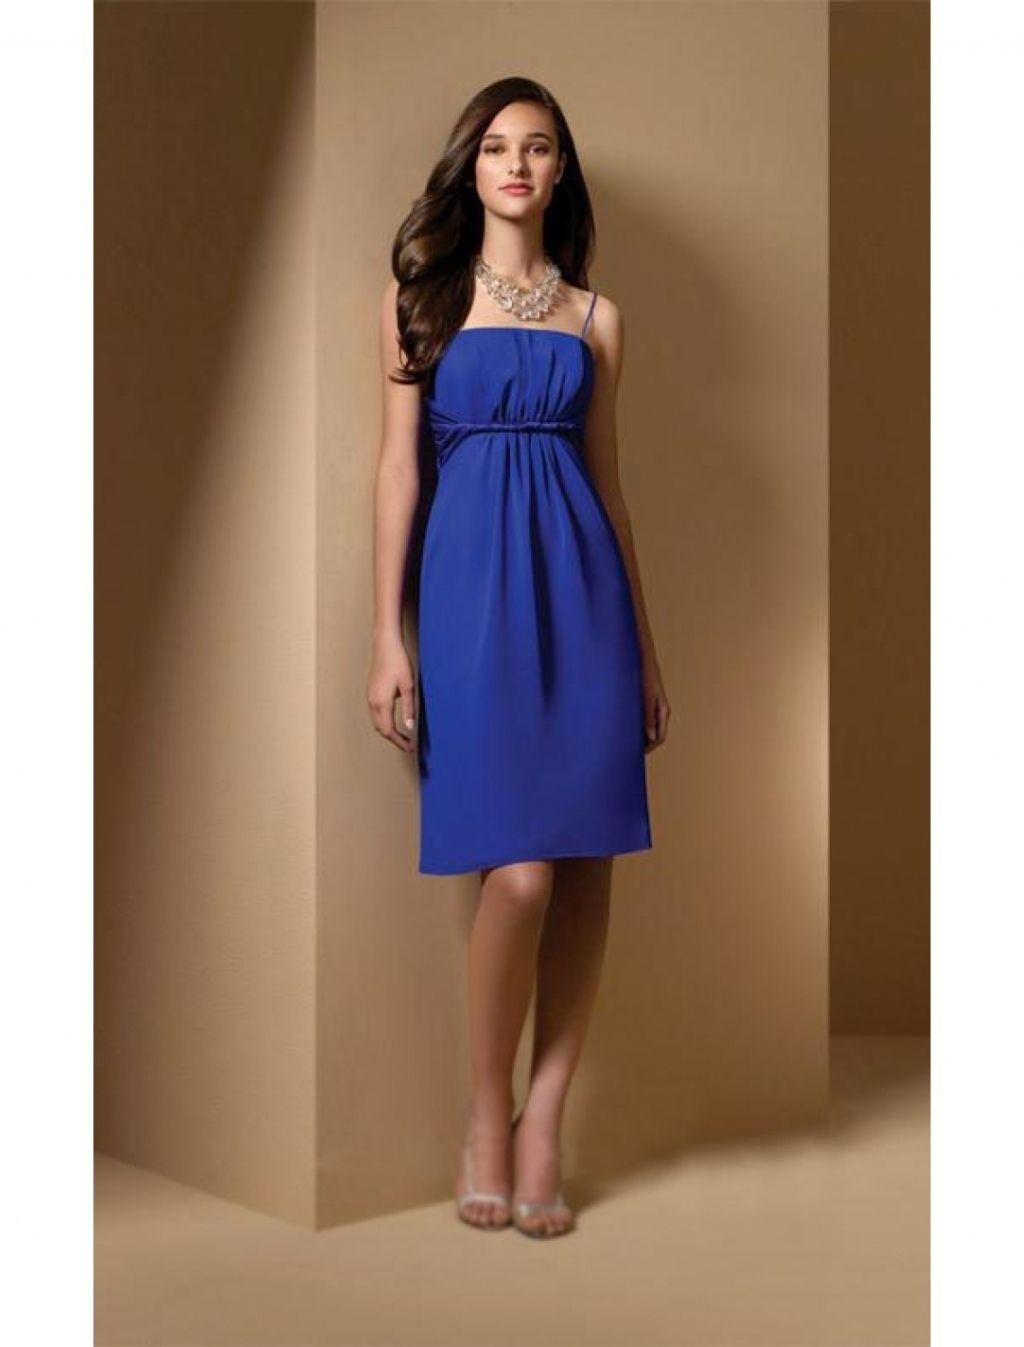 20 Cool Kleider Knielang Hochzeit Boutique - Abendkleid